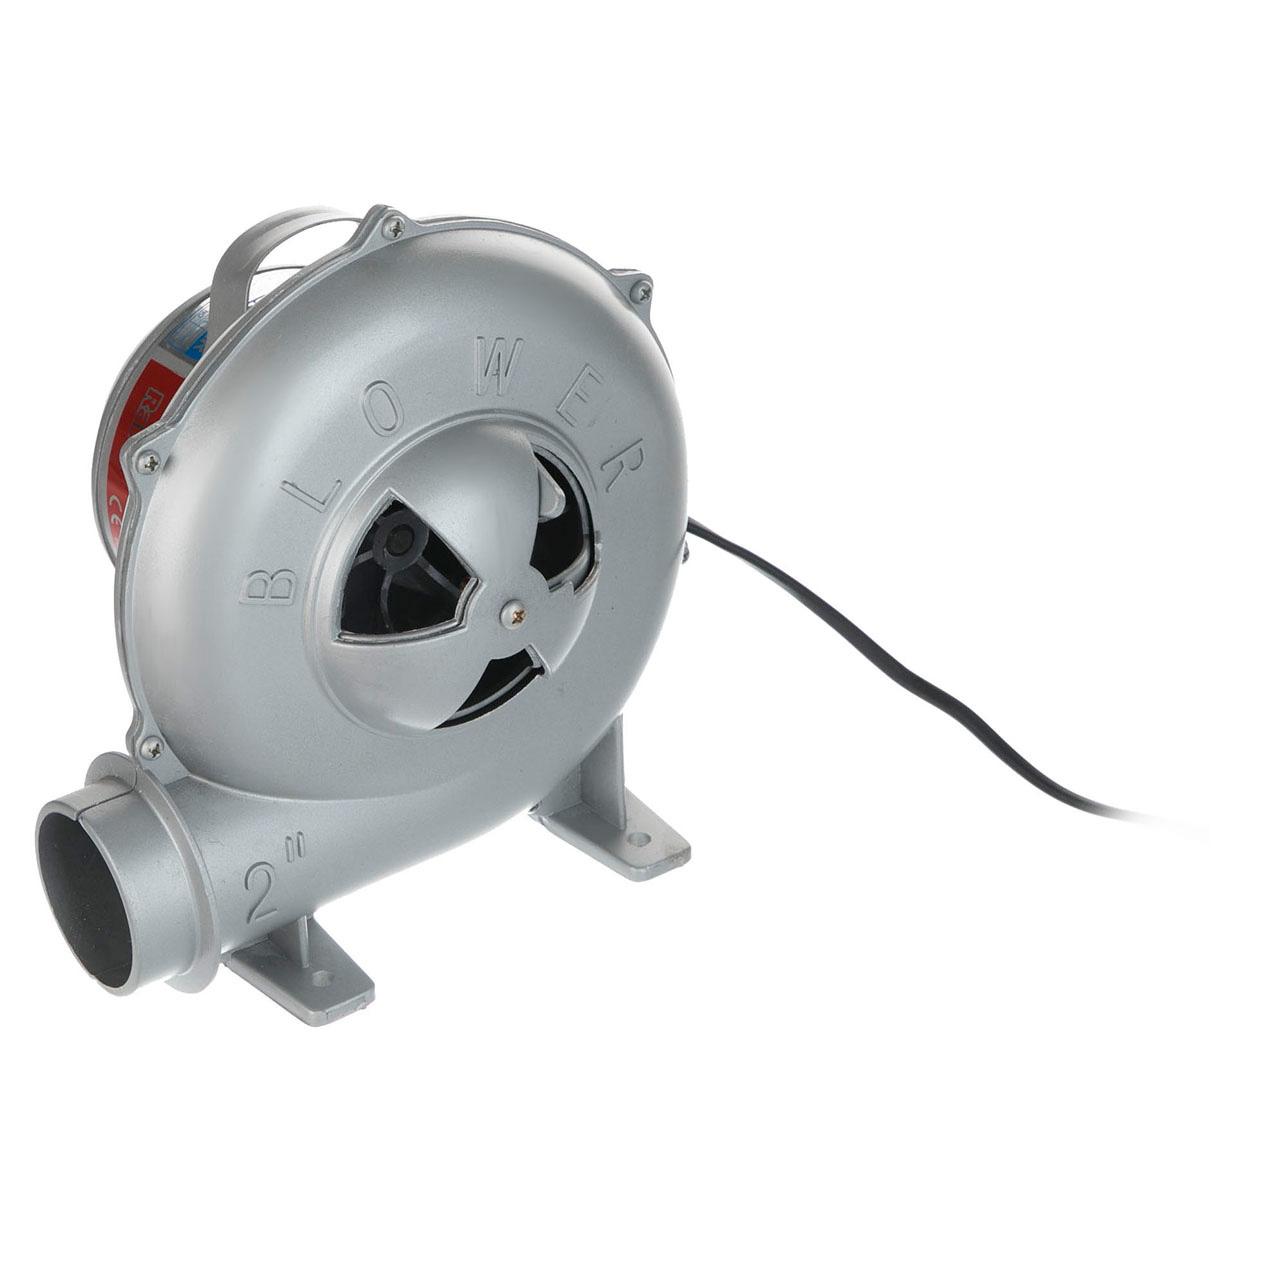 دمنده برقی رابین مدل R01